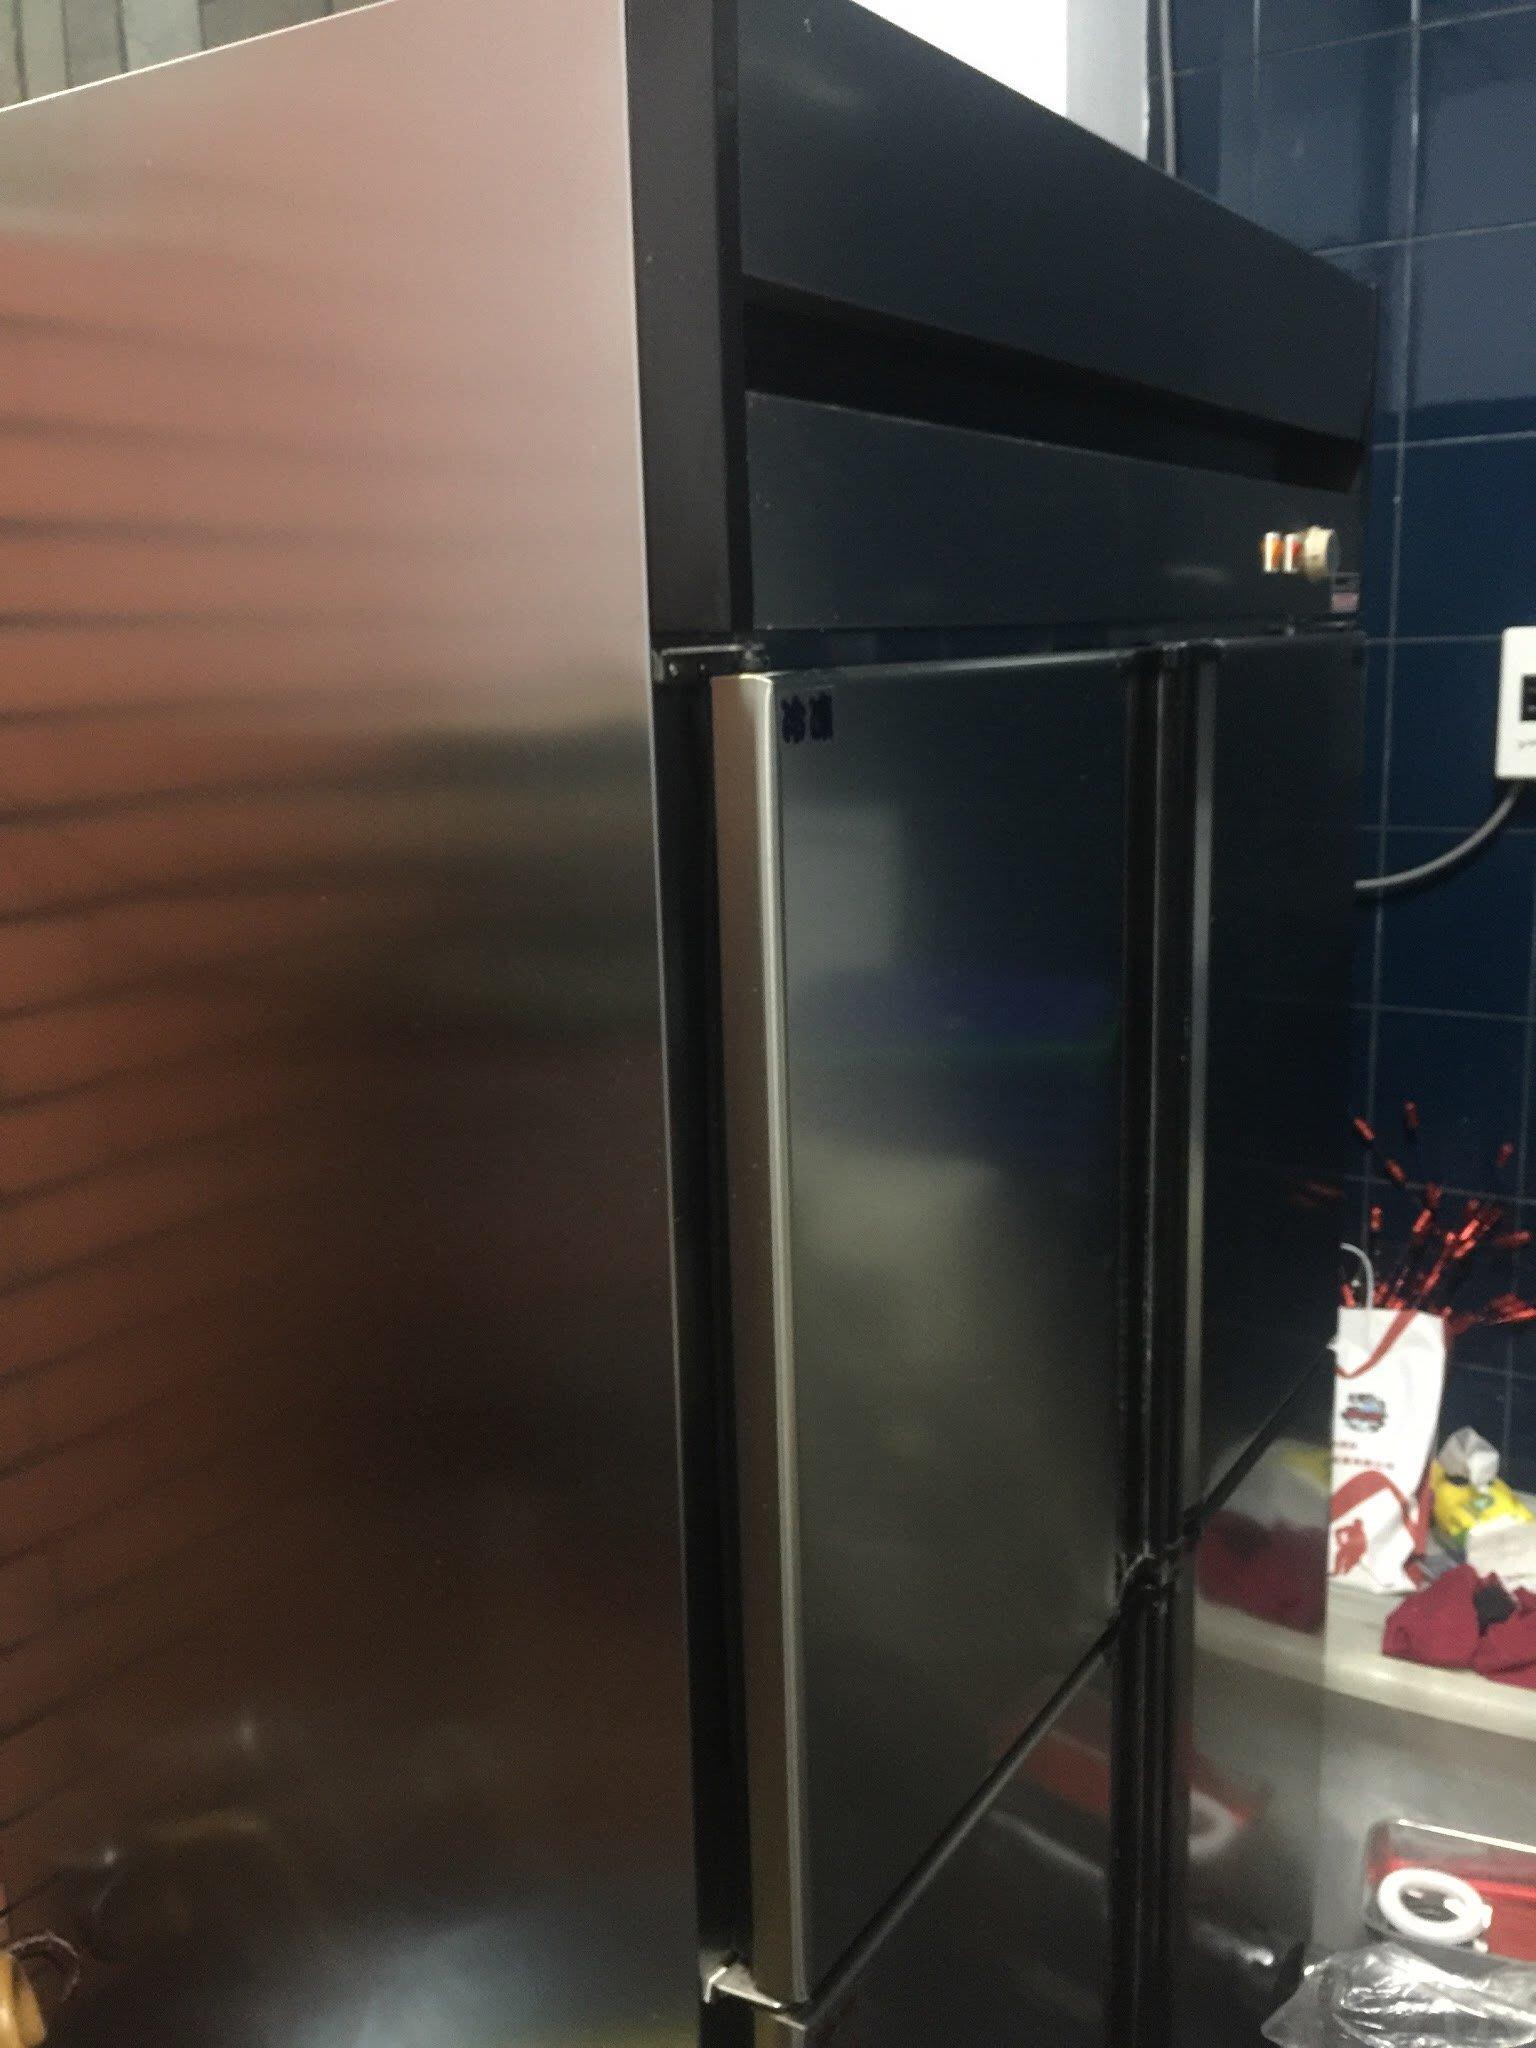 管冷 冰箱 管冷冰箱 半冷藏 半冷凍 厚鐵 加大風扇 四門冰箱